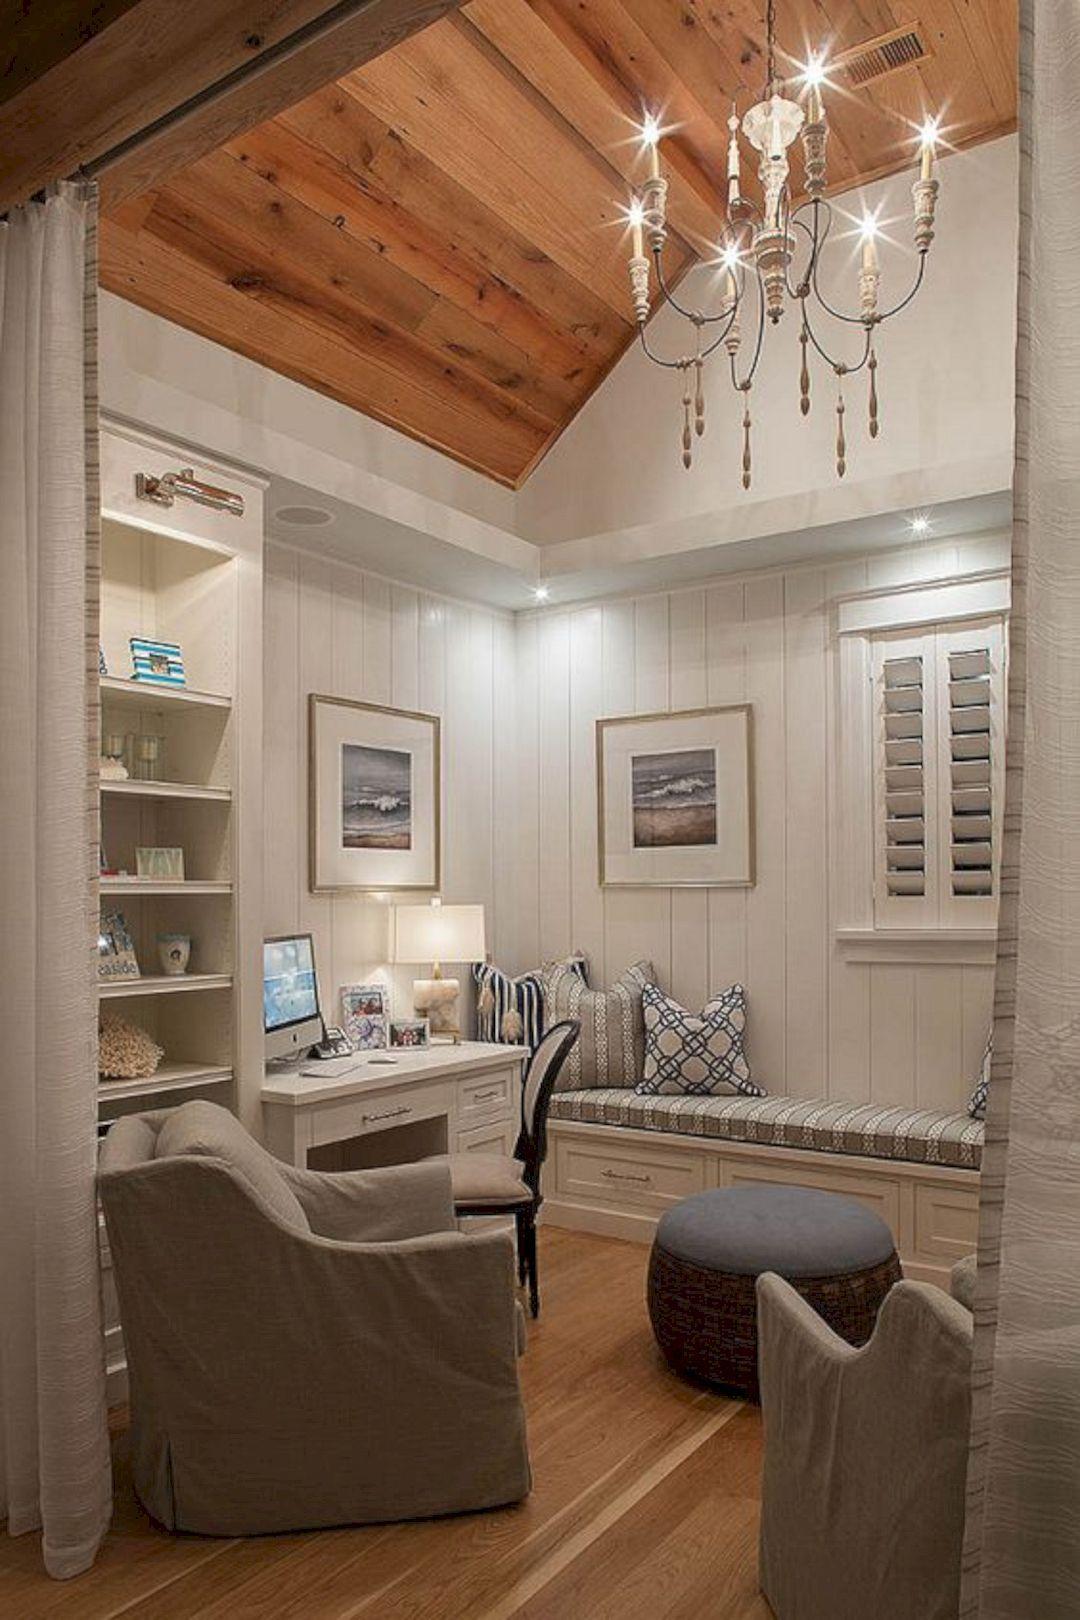 16 small cottage interior design ideas small cottage on home interior design ideas id=58474